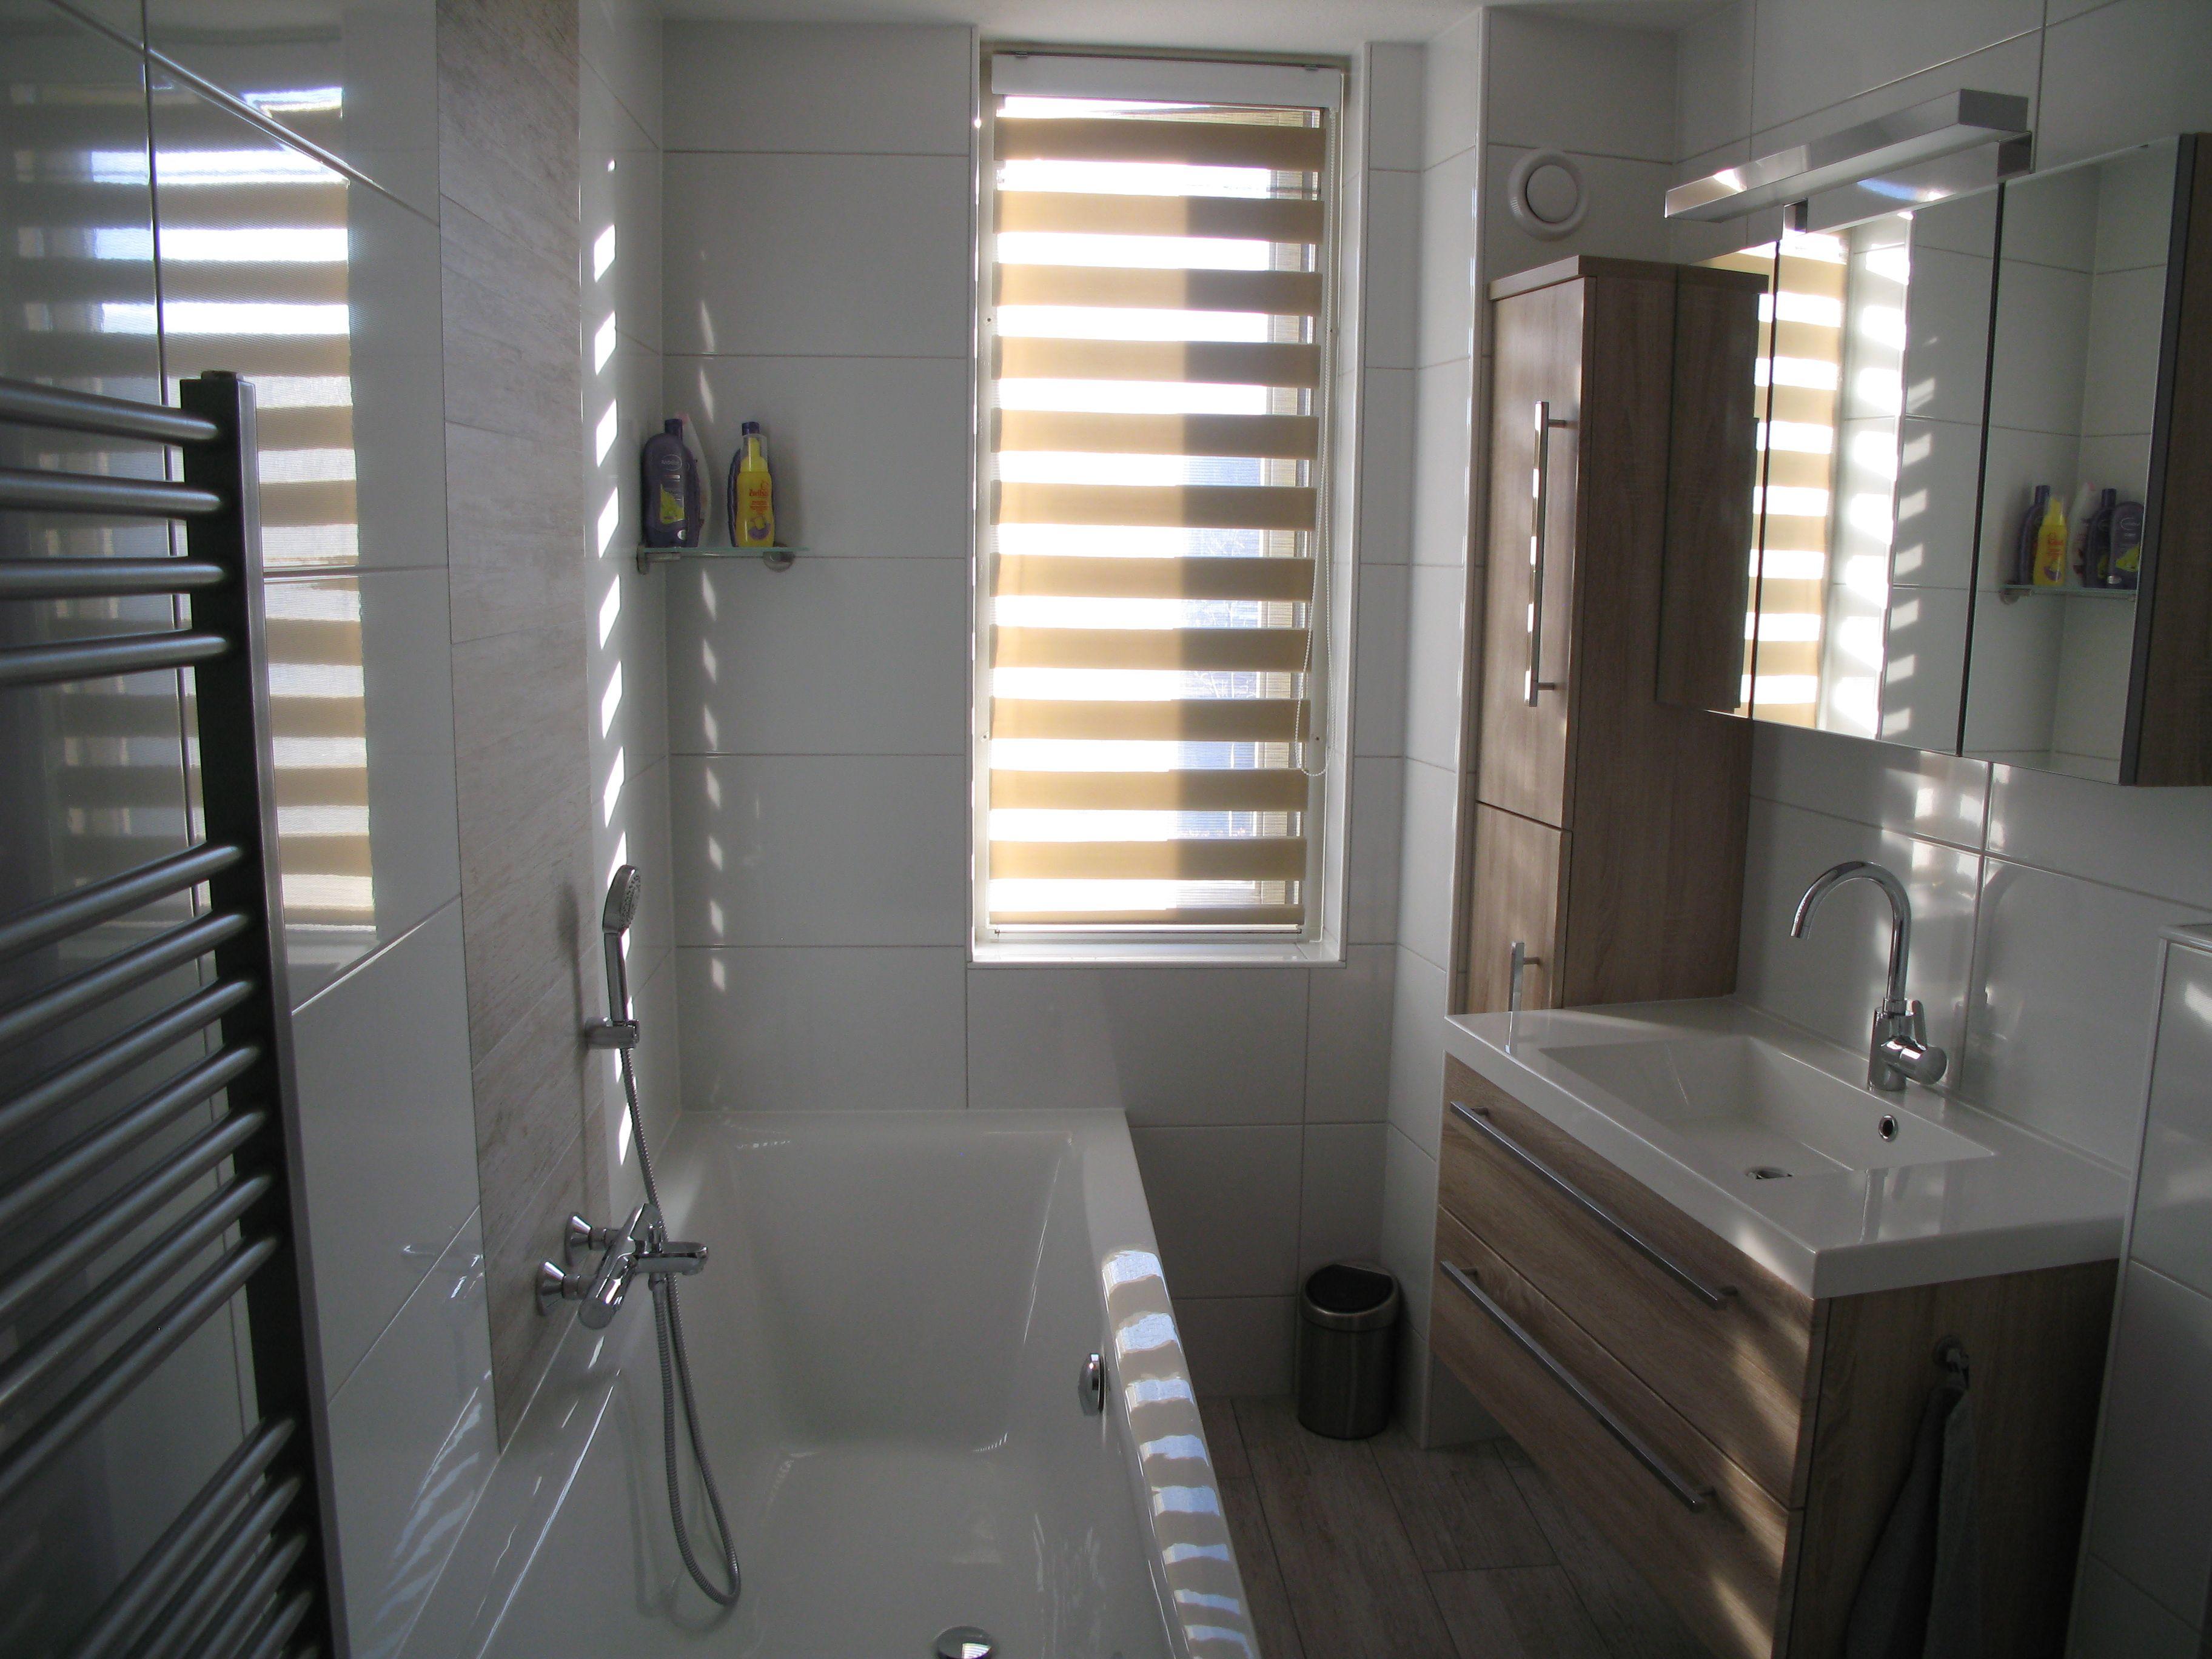 Trendy badkamer in houtlook met witte tegel afwerking badkamers - Tegel witte glanzende badkamer ...